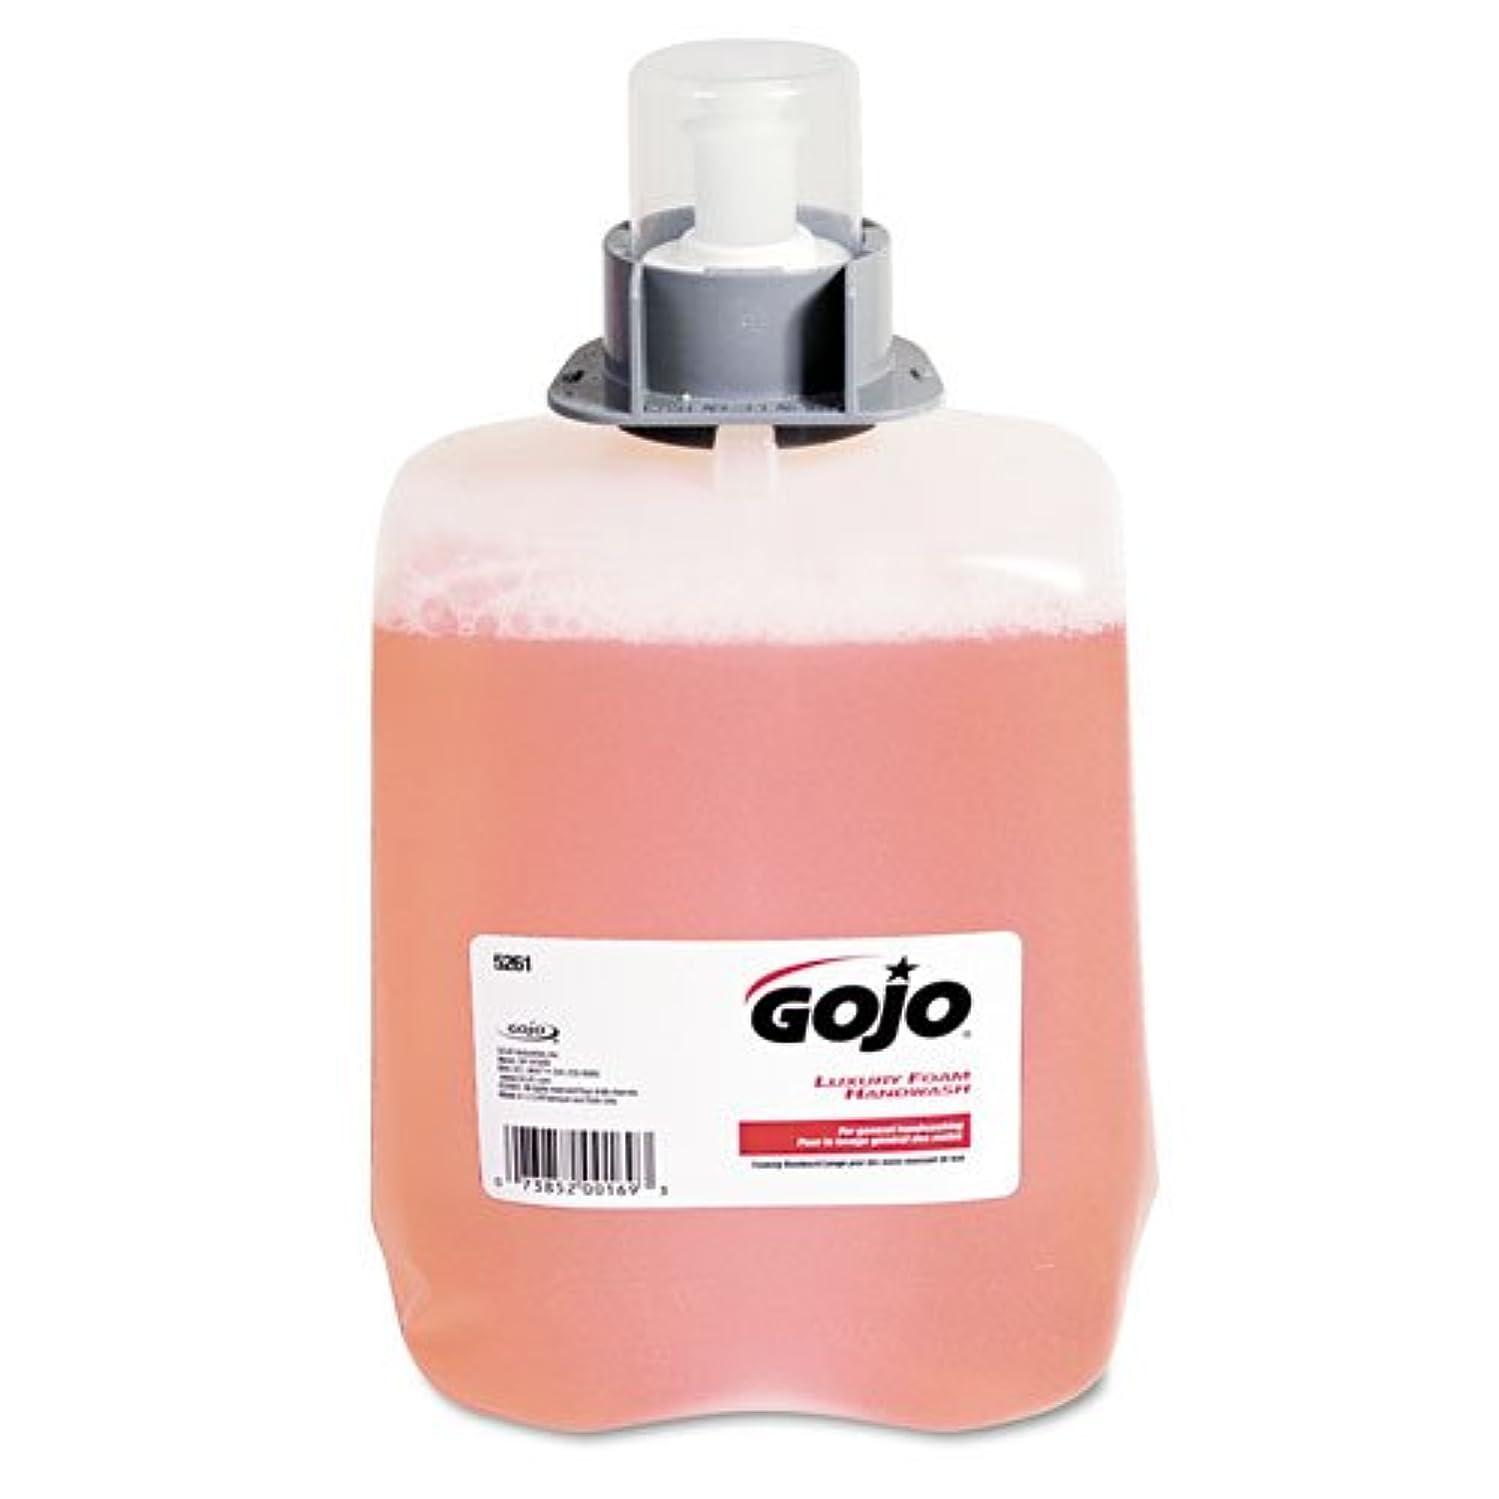 ストレージポインタ方法論GOJO ®ラグジュアリーFoam Hand Wash Refill for fmx-20ディスペンサー、クランベリー香り、2 / Ctn